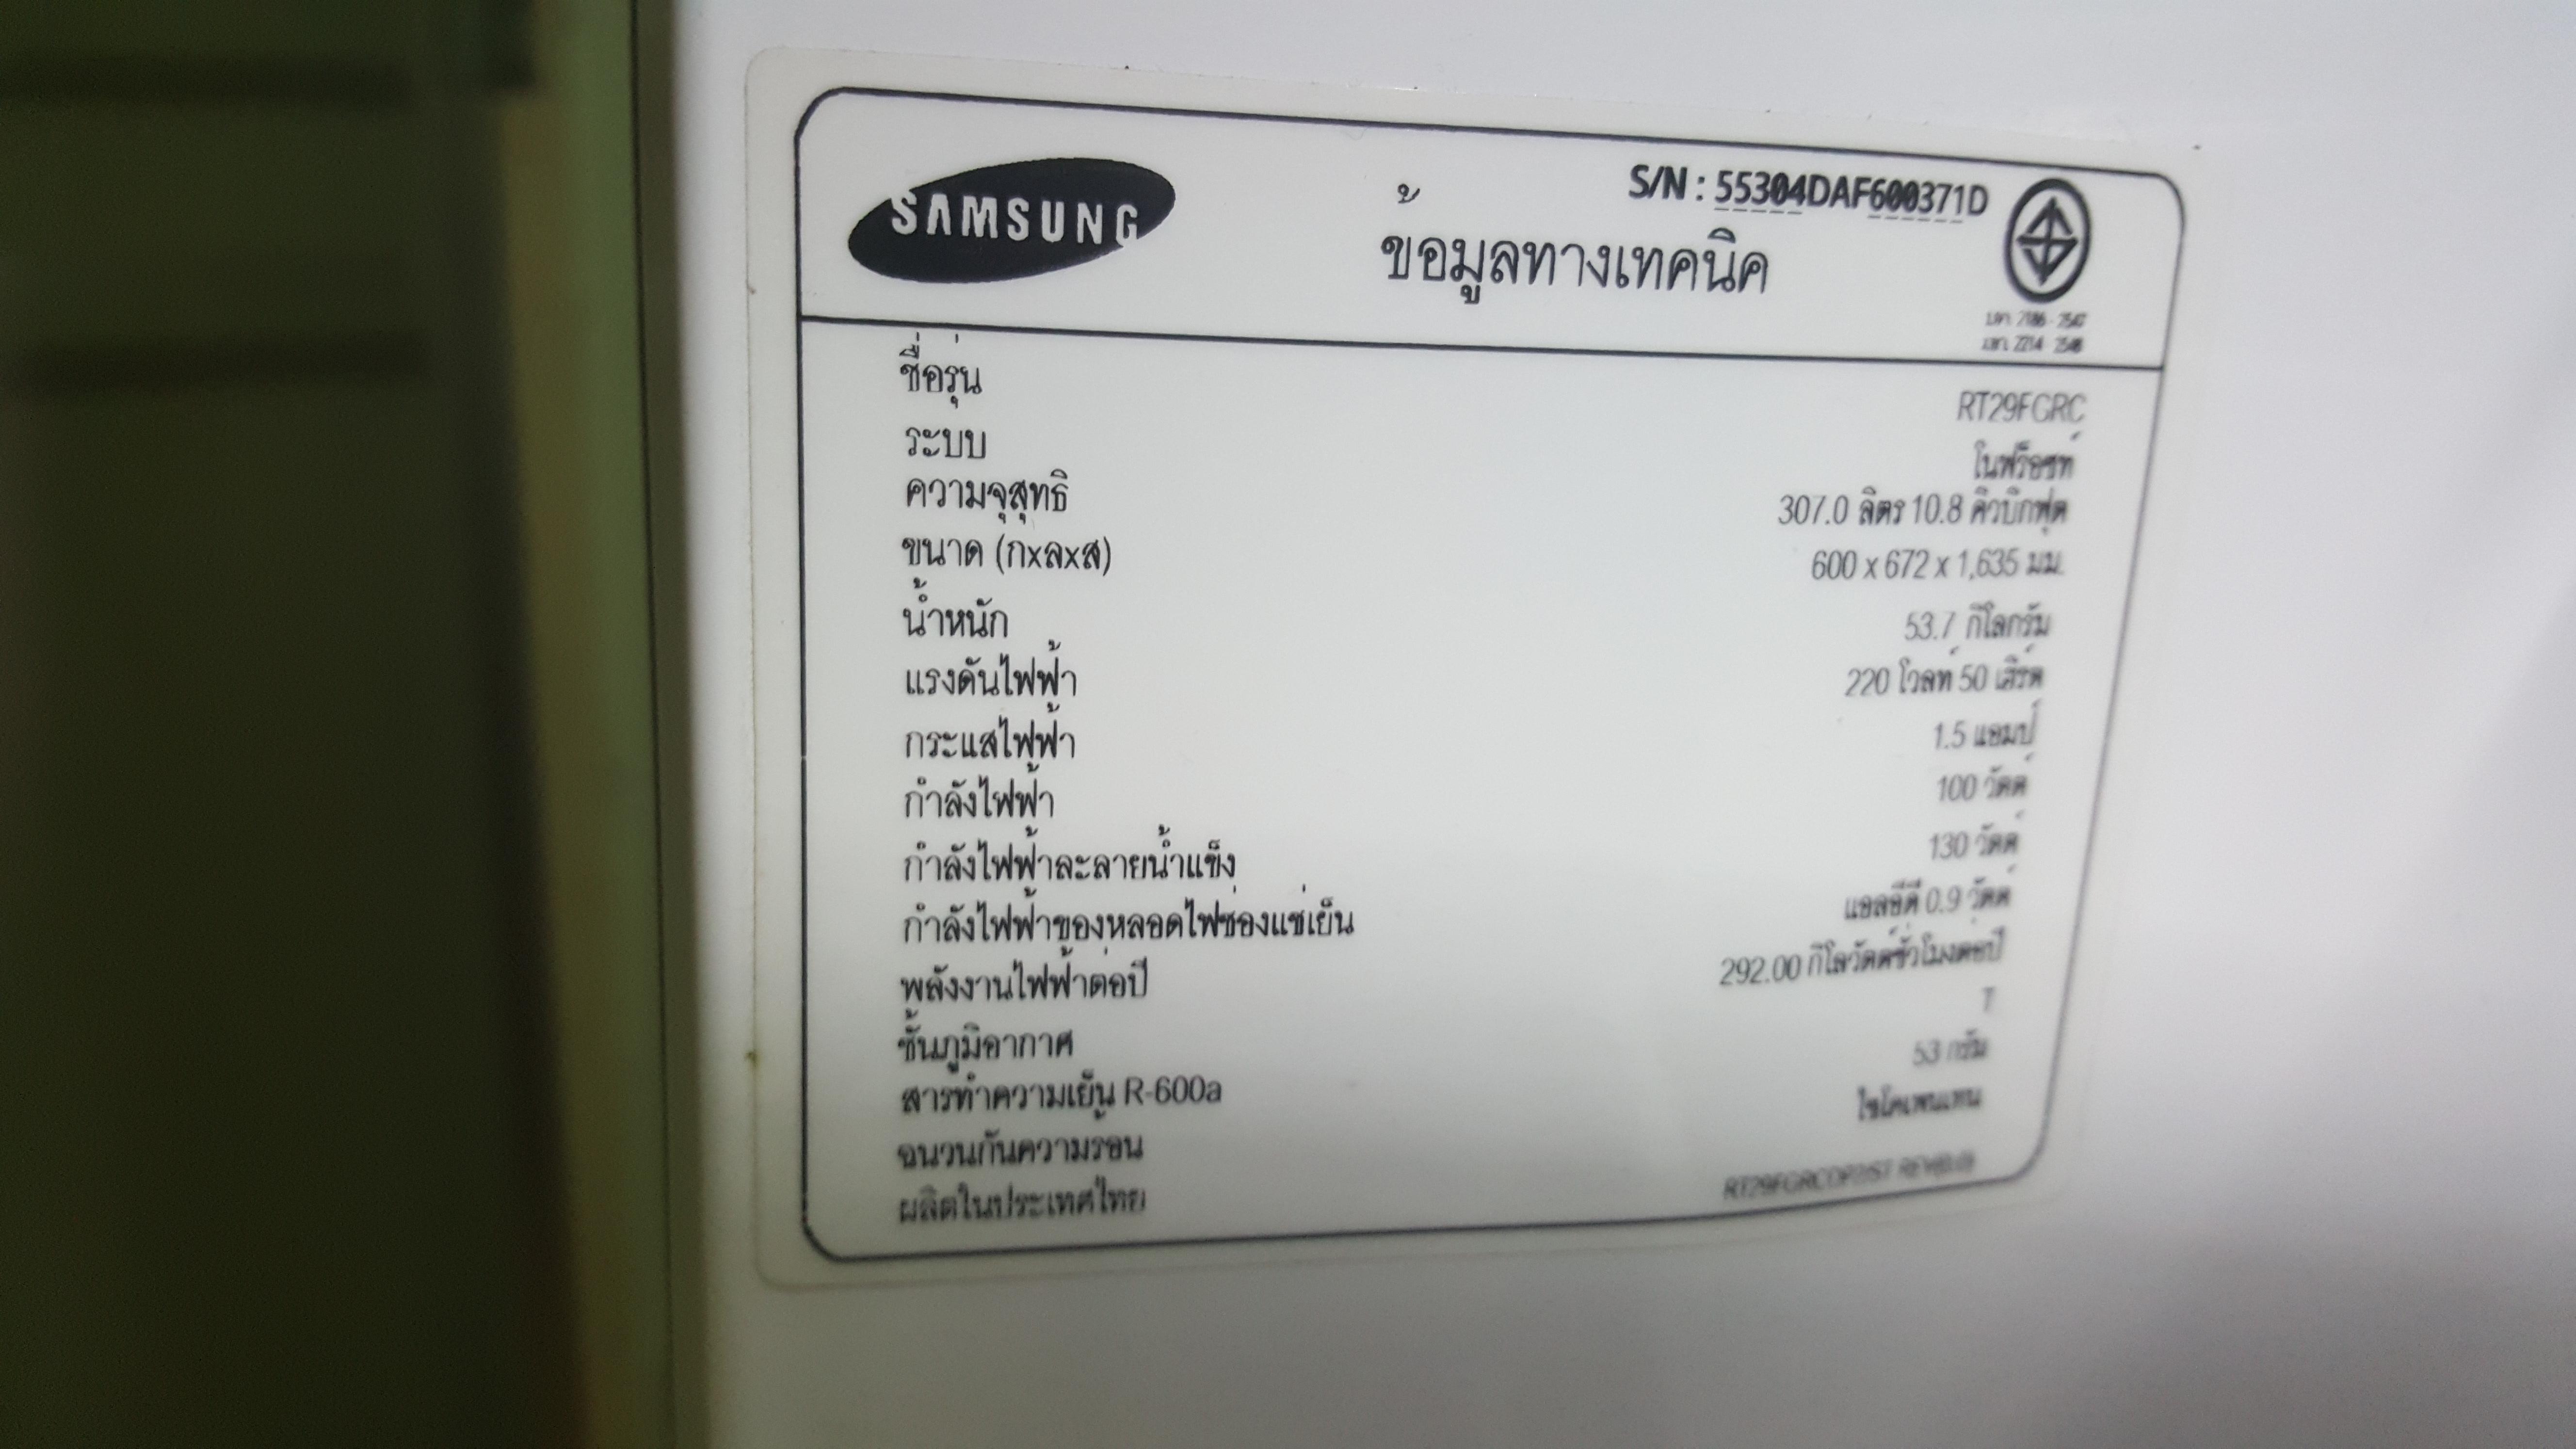 Samsung Refrigerator not working  Main board error codes